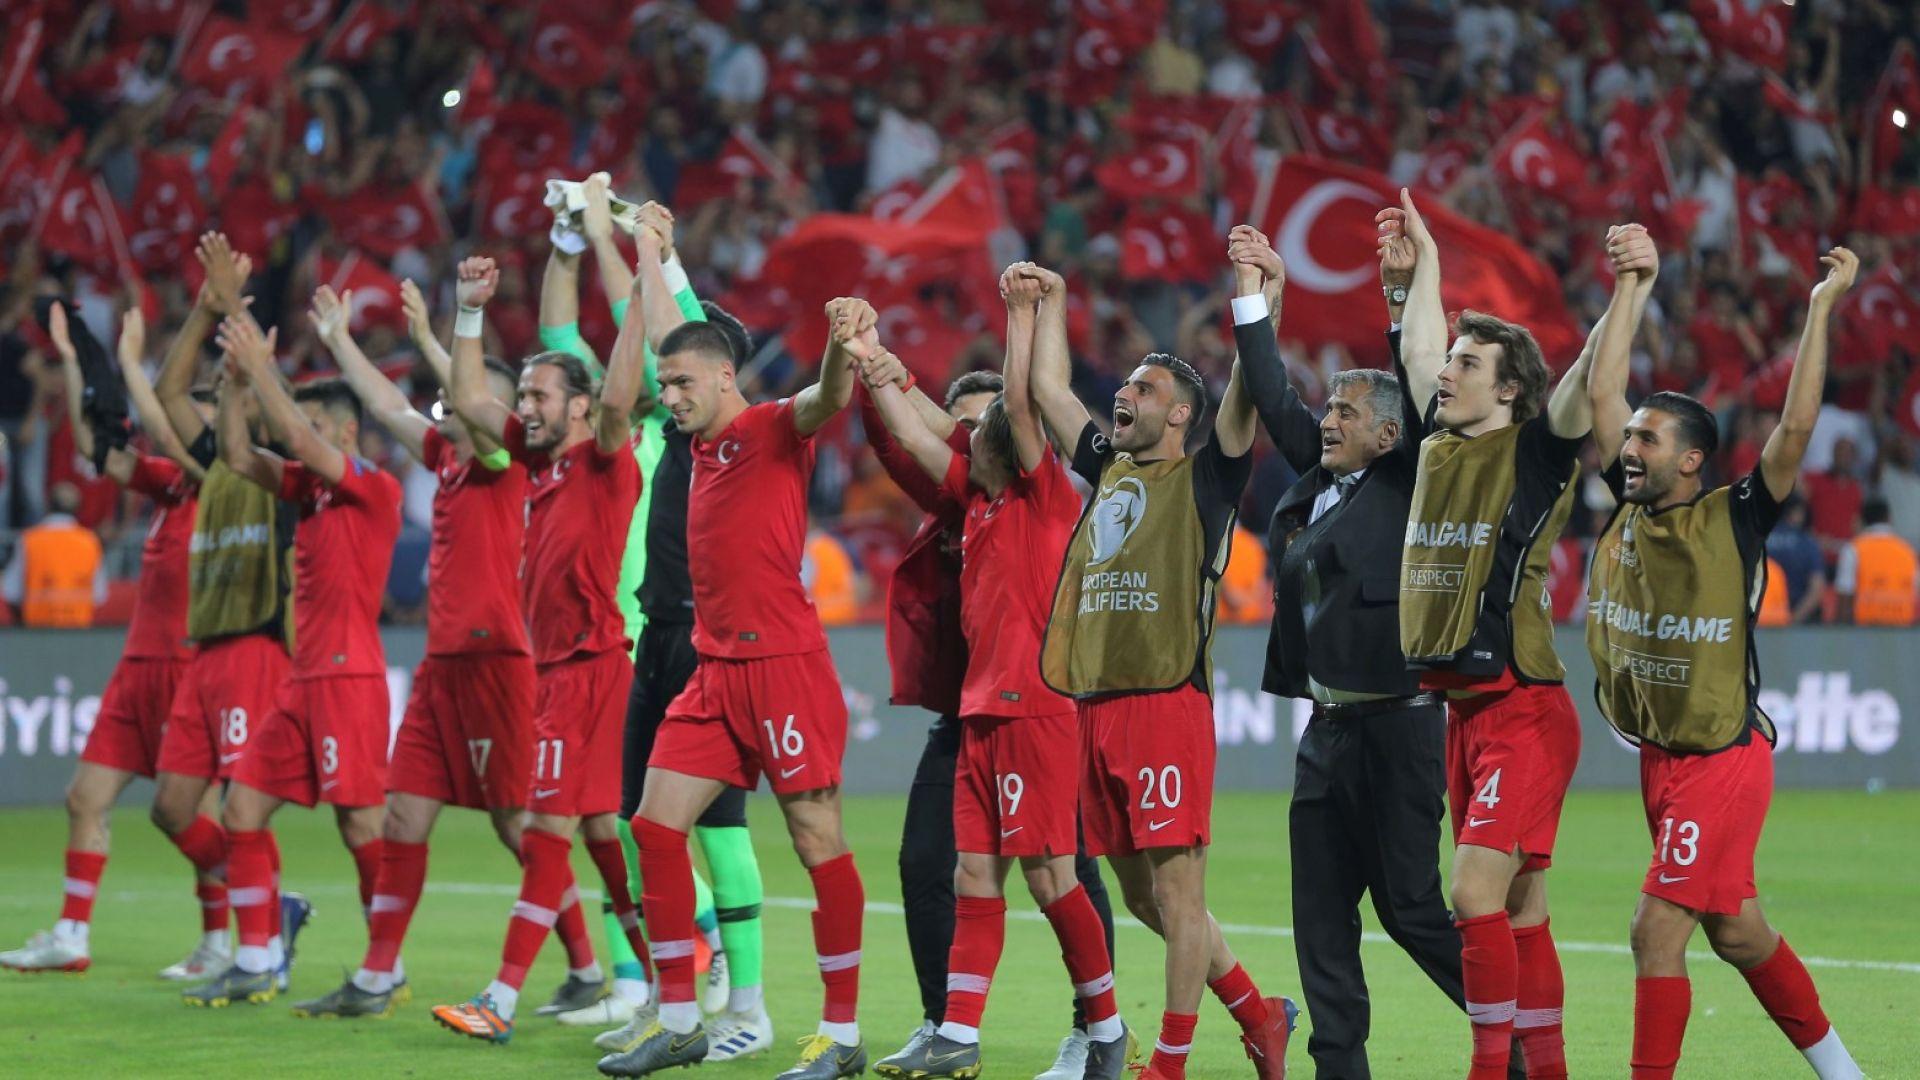 Tурция отправи нота към Исландия заради отношението към футболистите